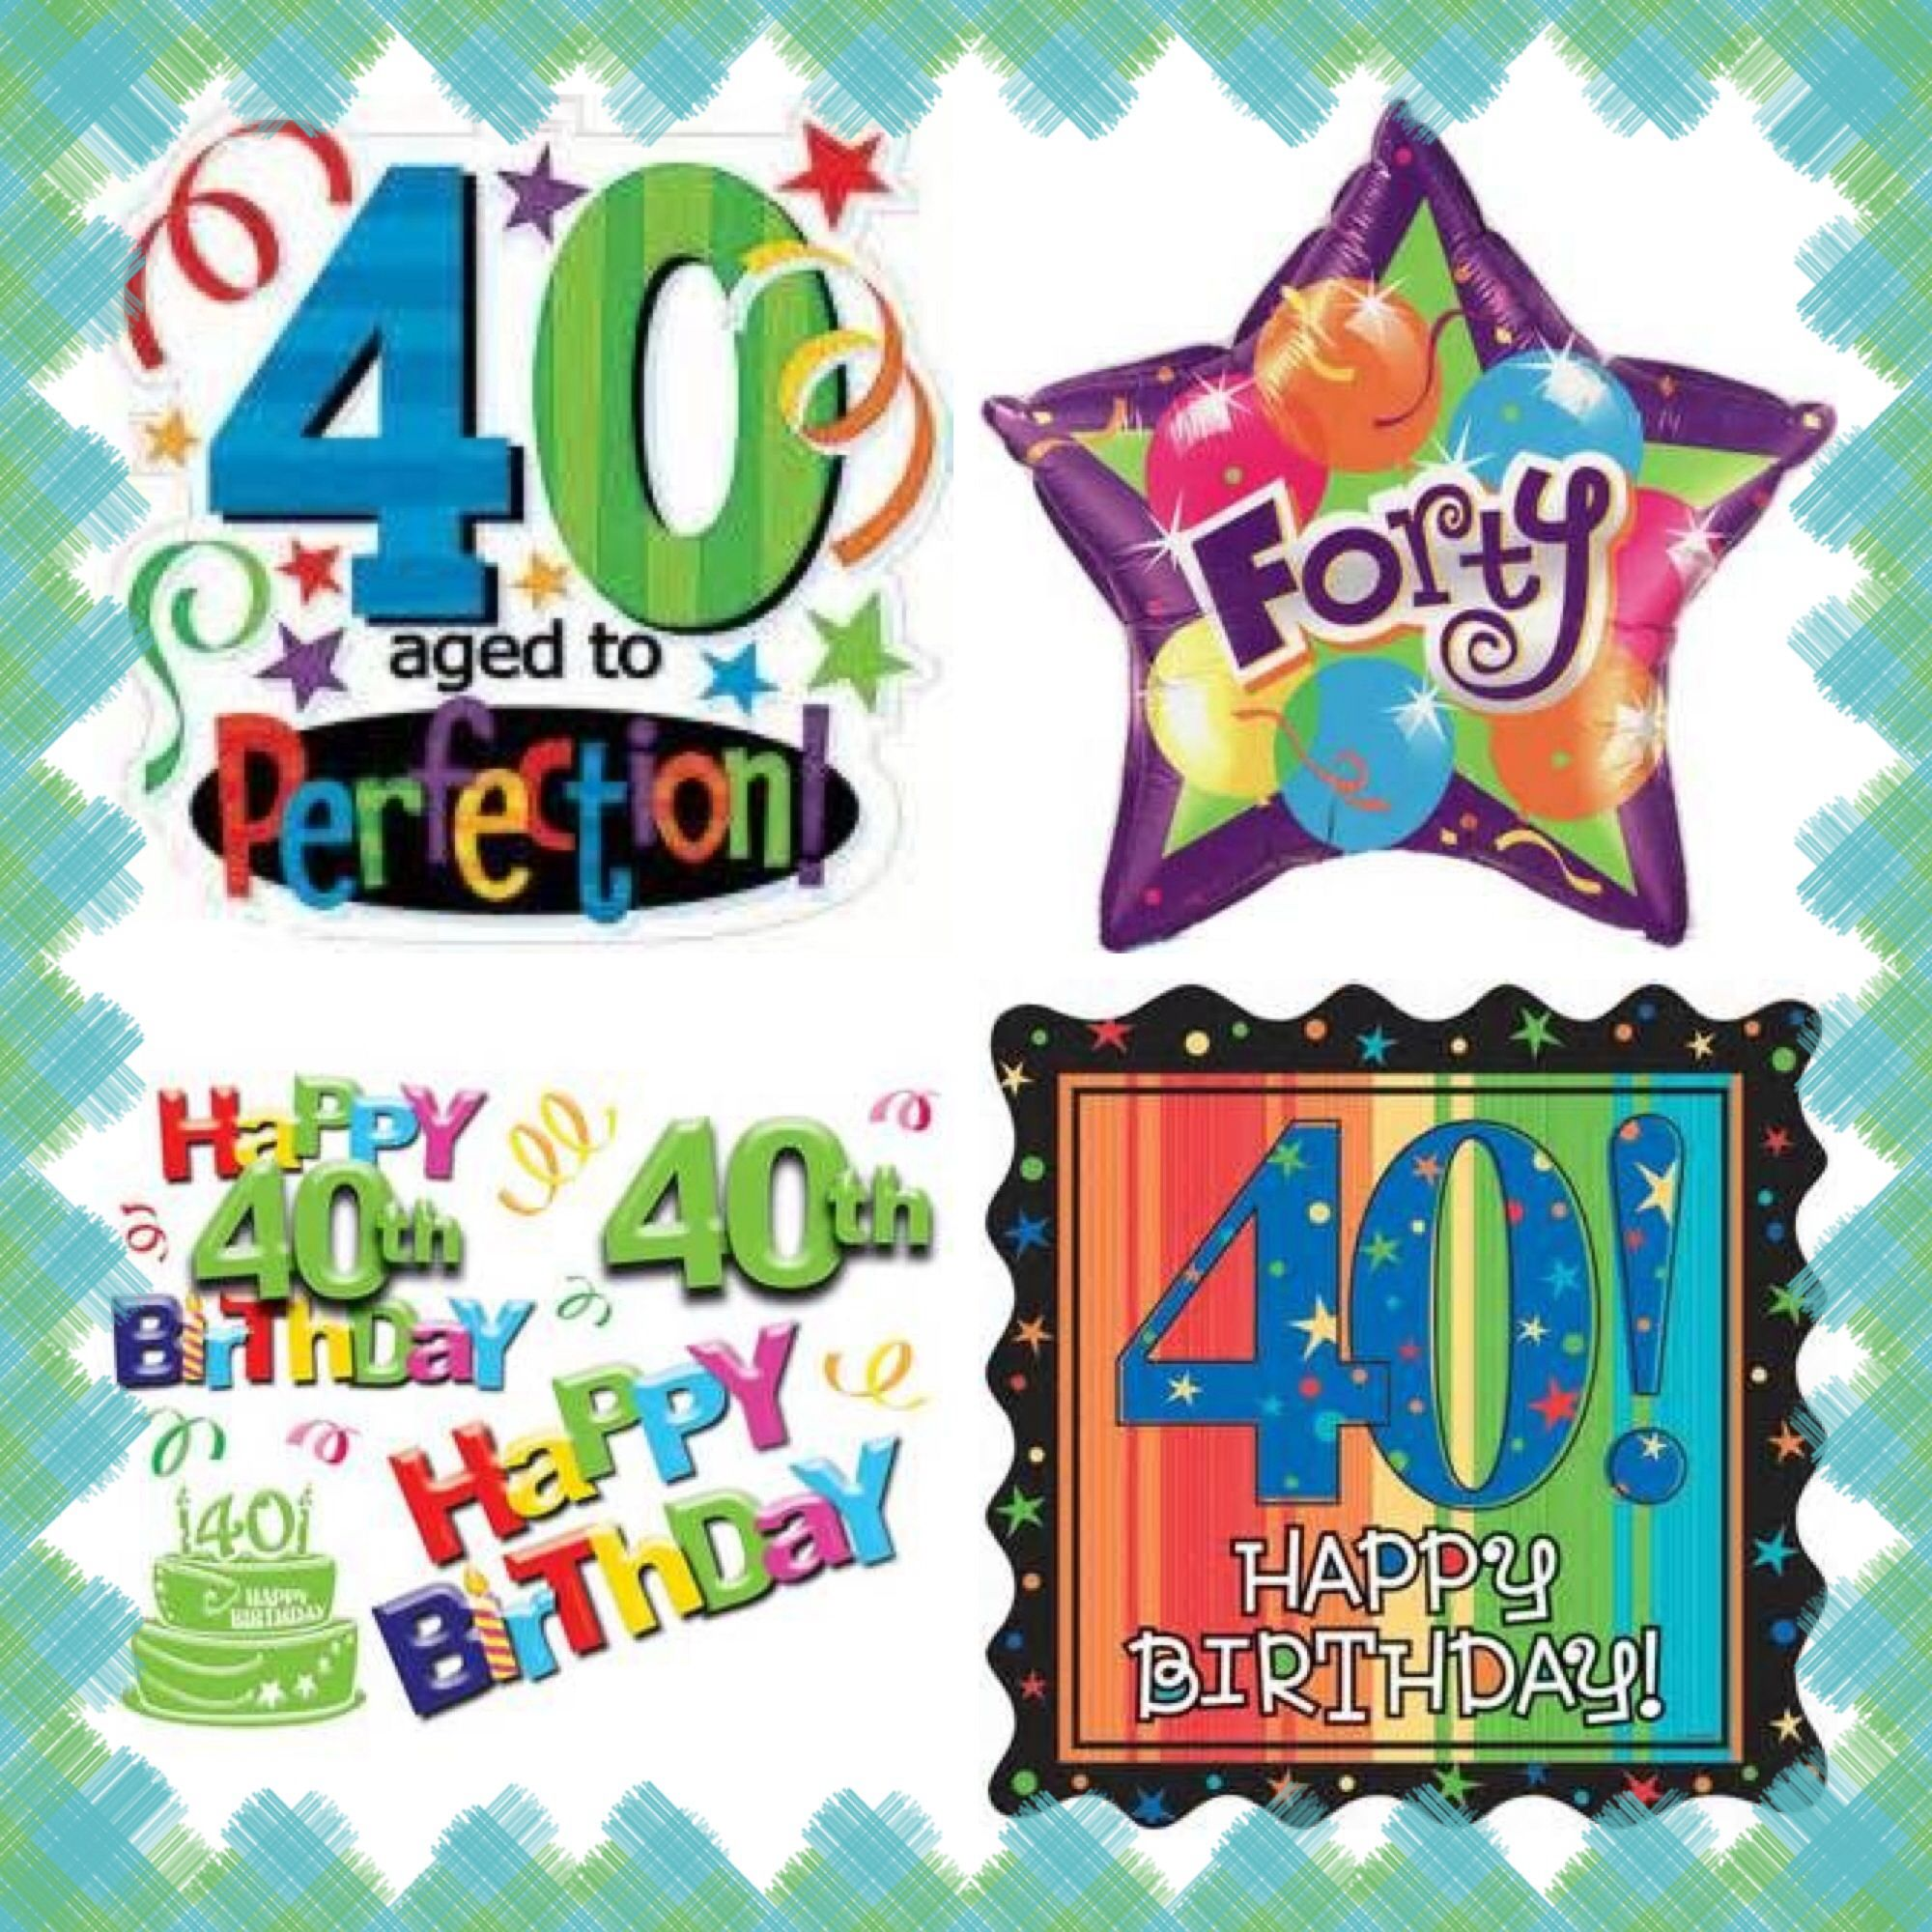 HAPPY 40th BIRTHDAY ✨ HAPPY BIRTHDAY Pinterest